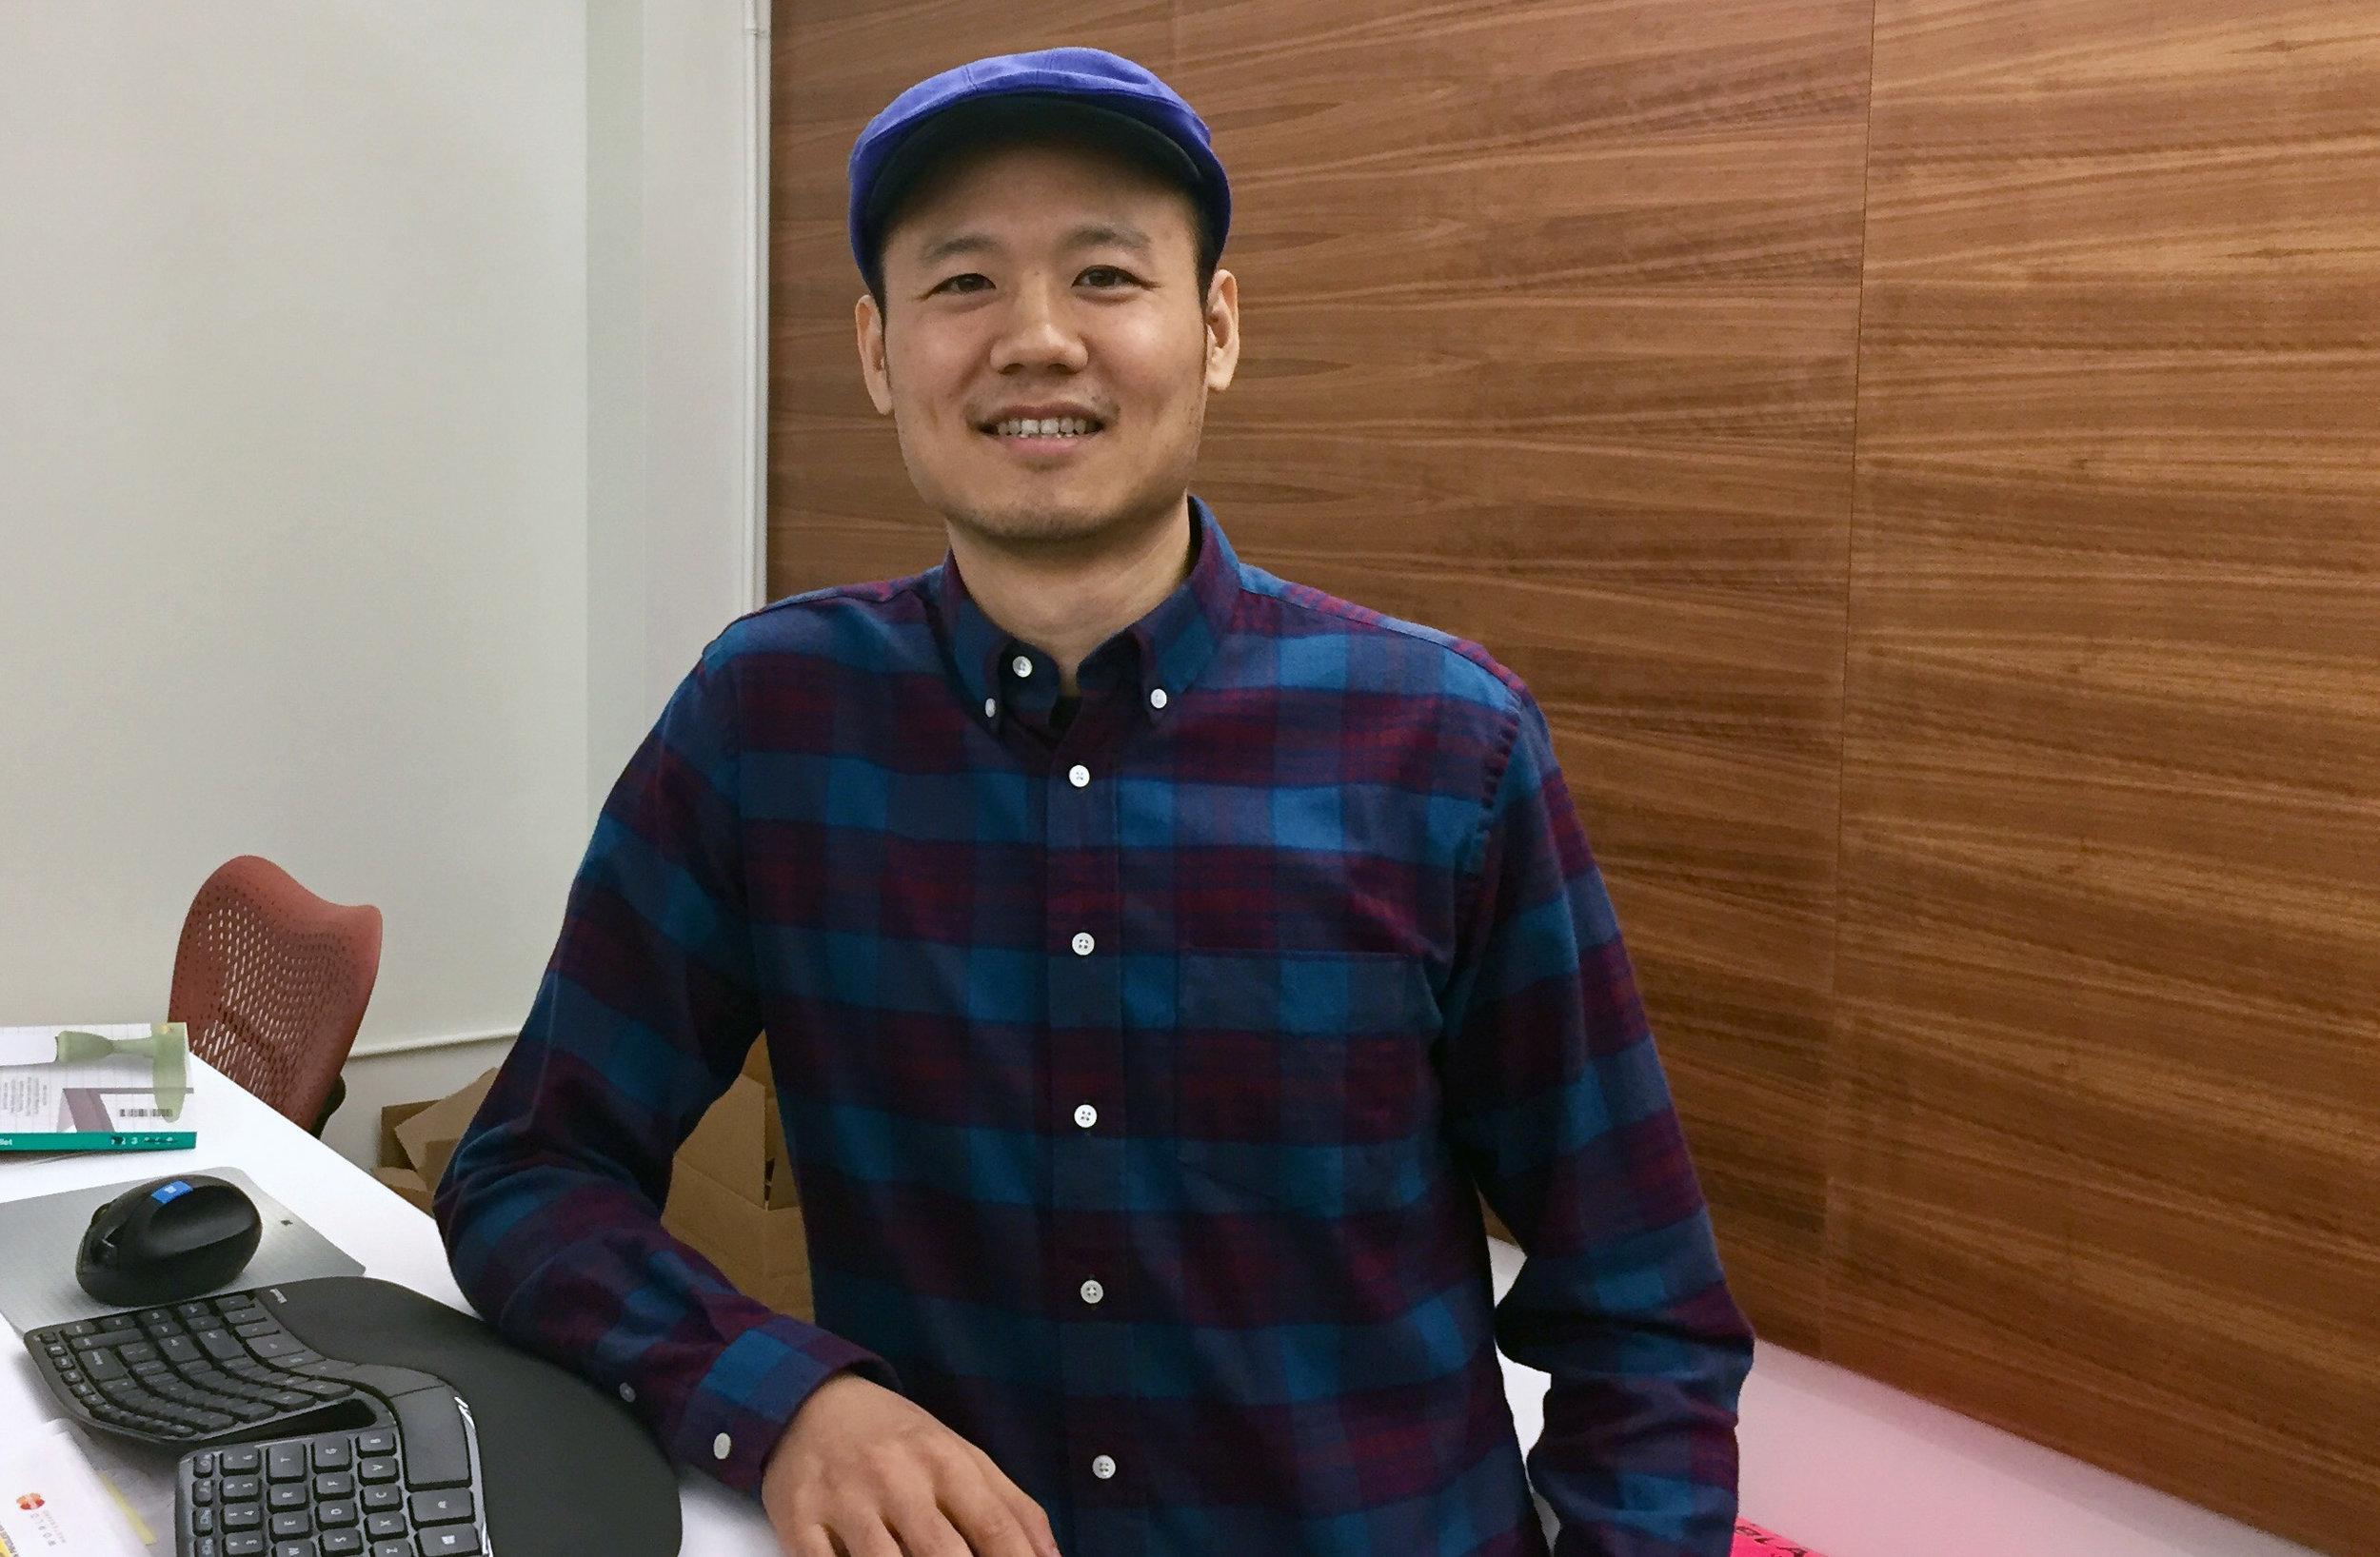 The pro, Shawn Liu.